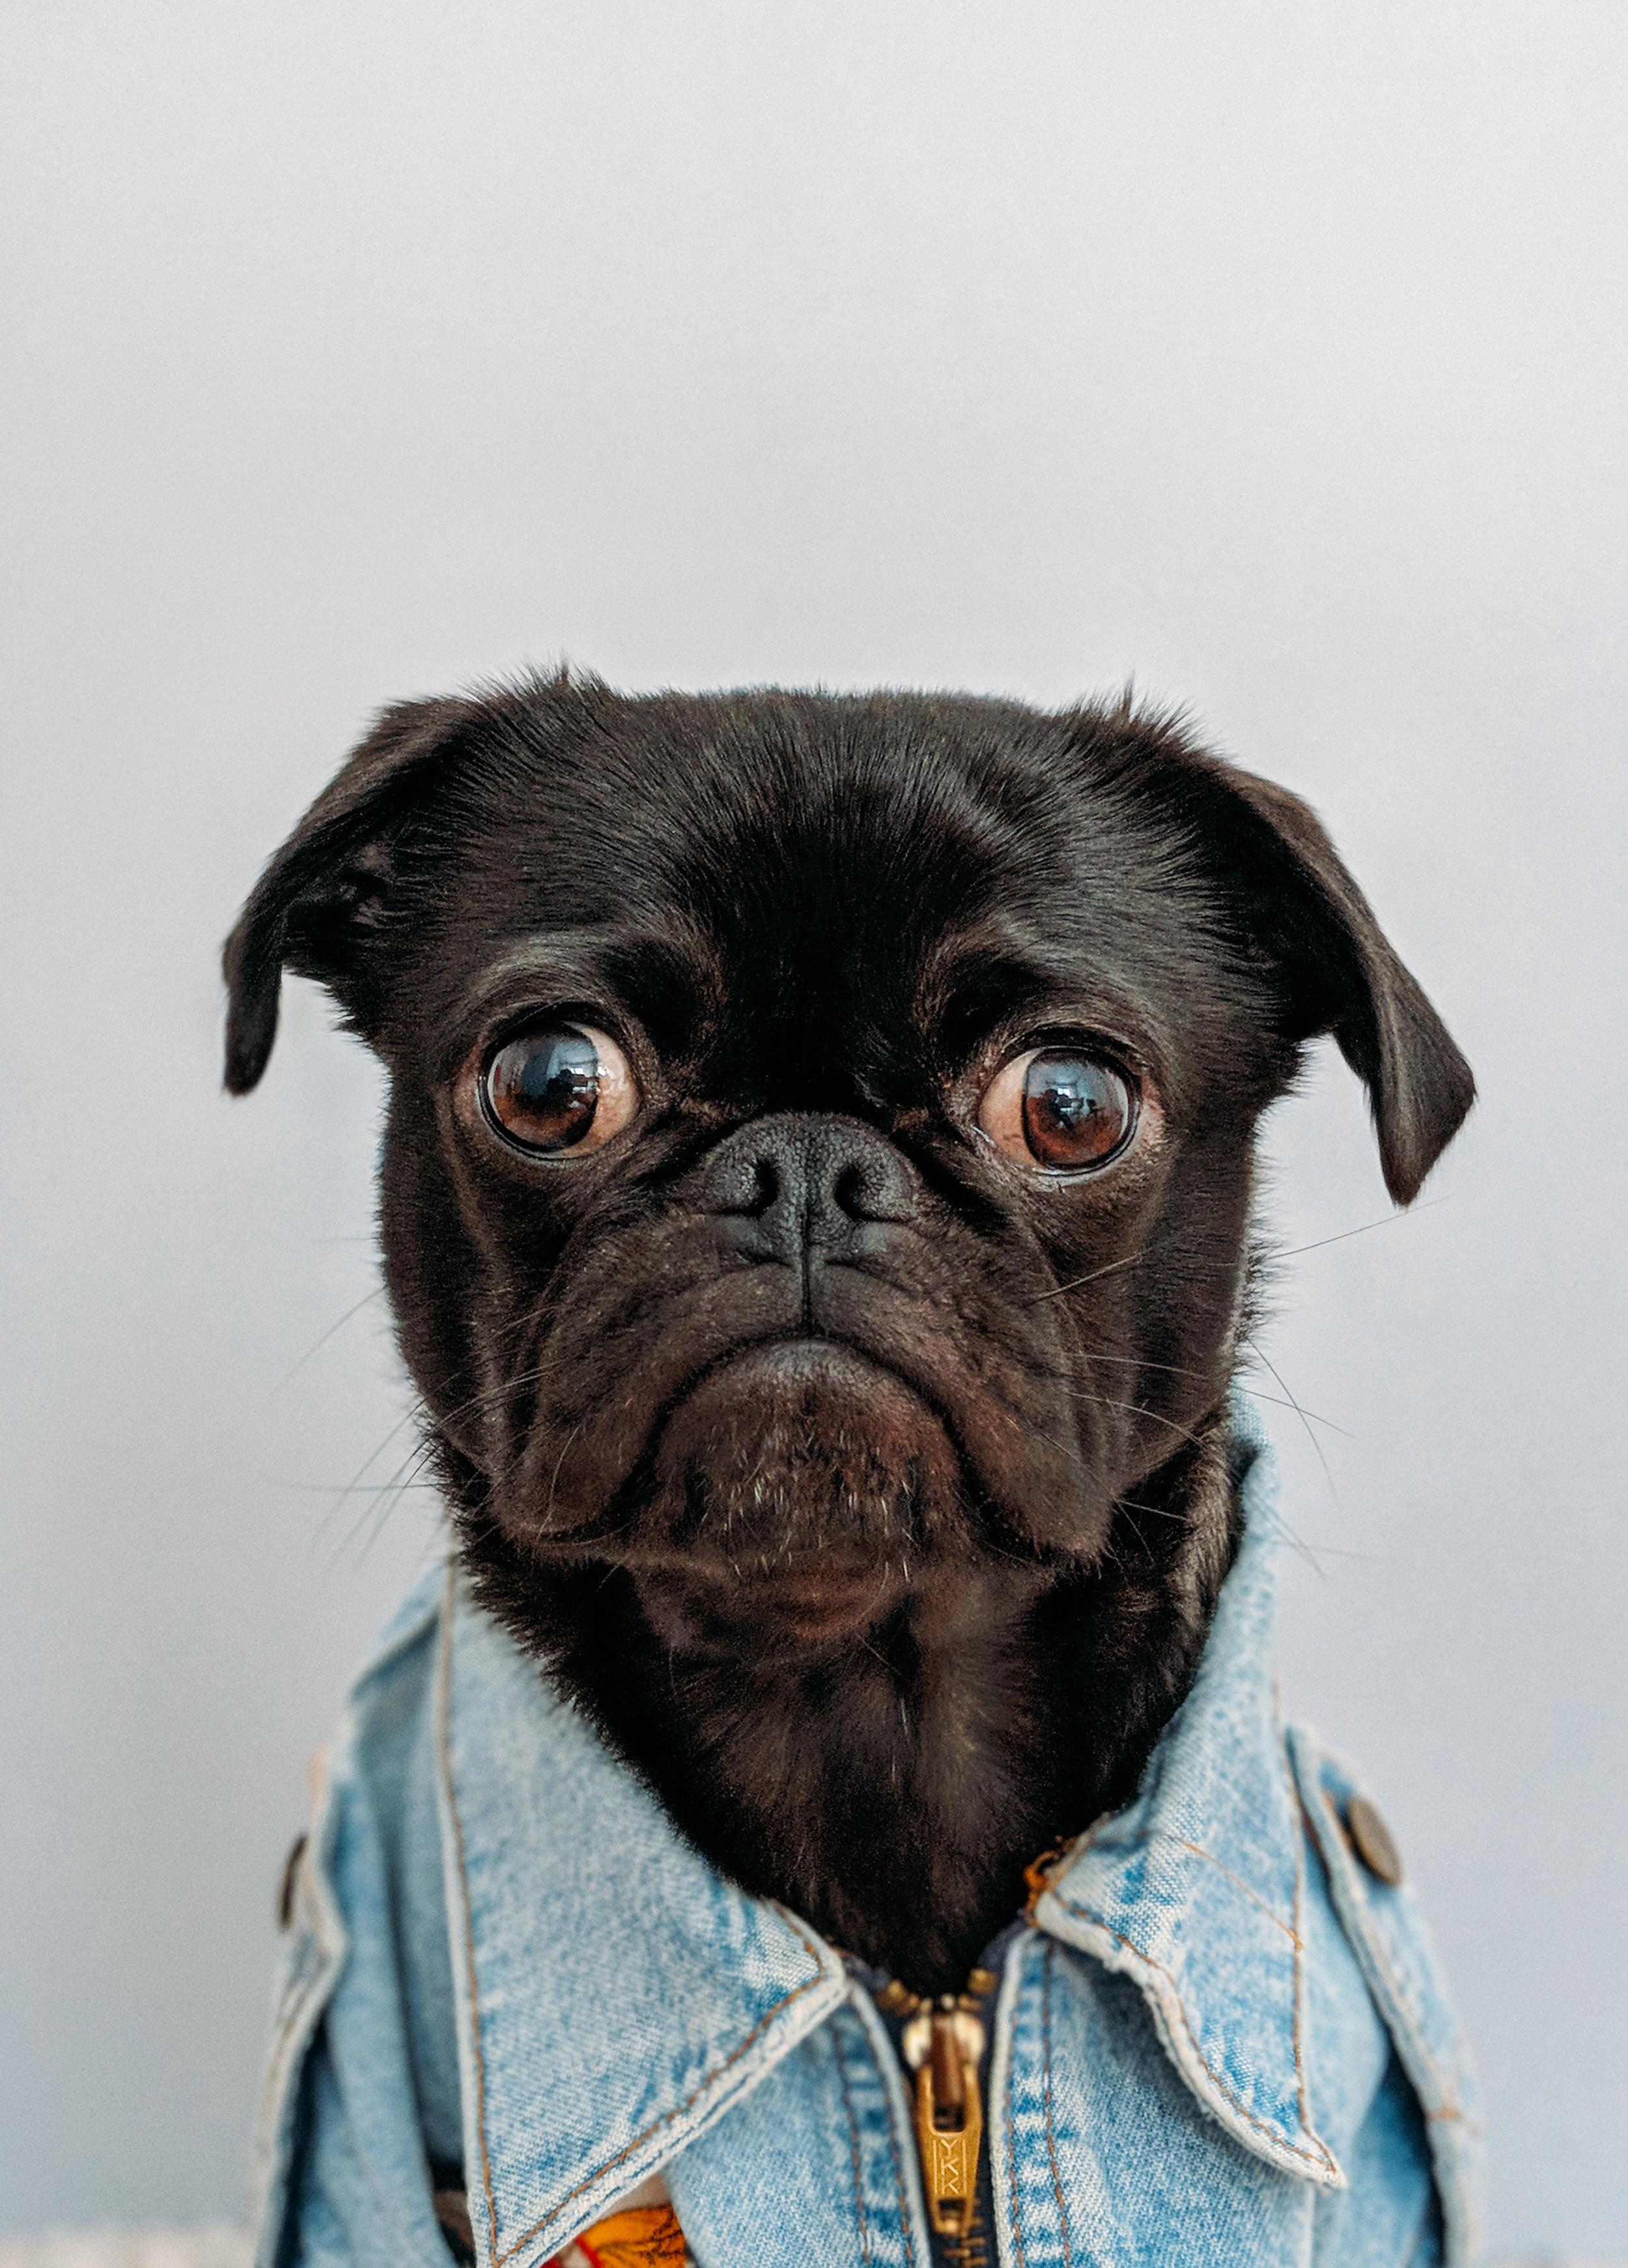 No puedo ir a clase. Mi perro está enfermo.